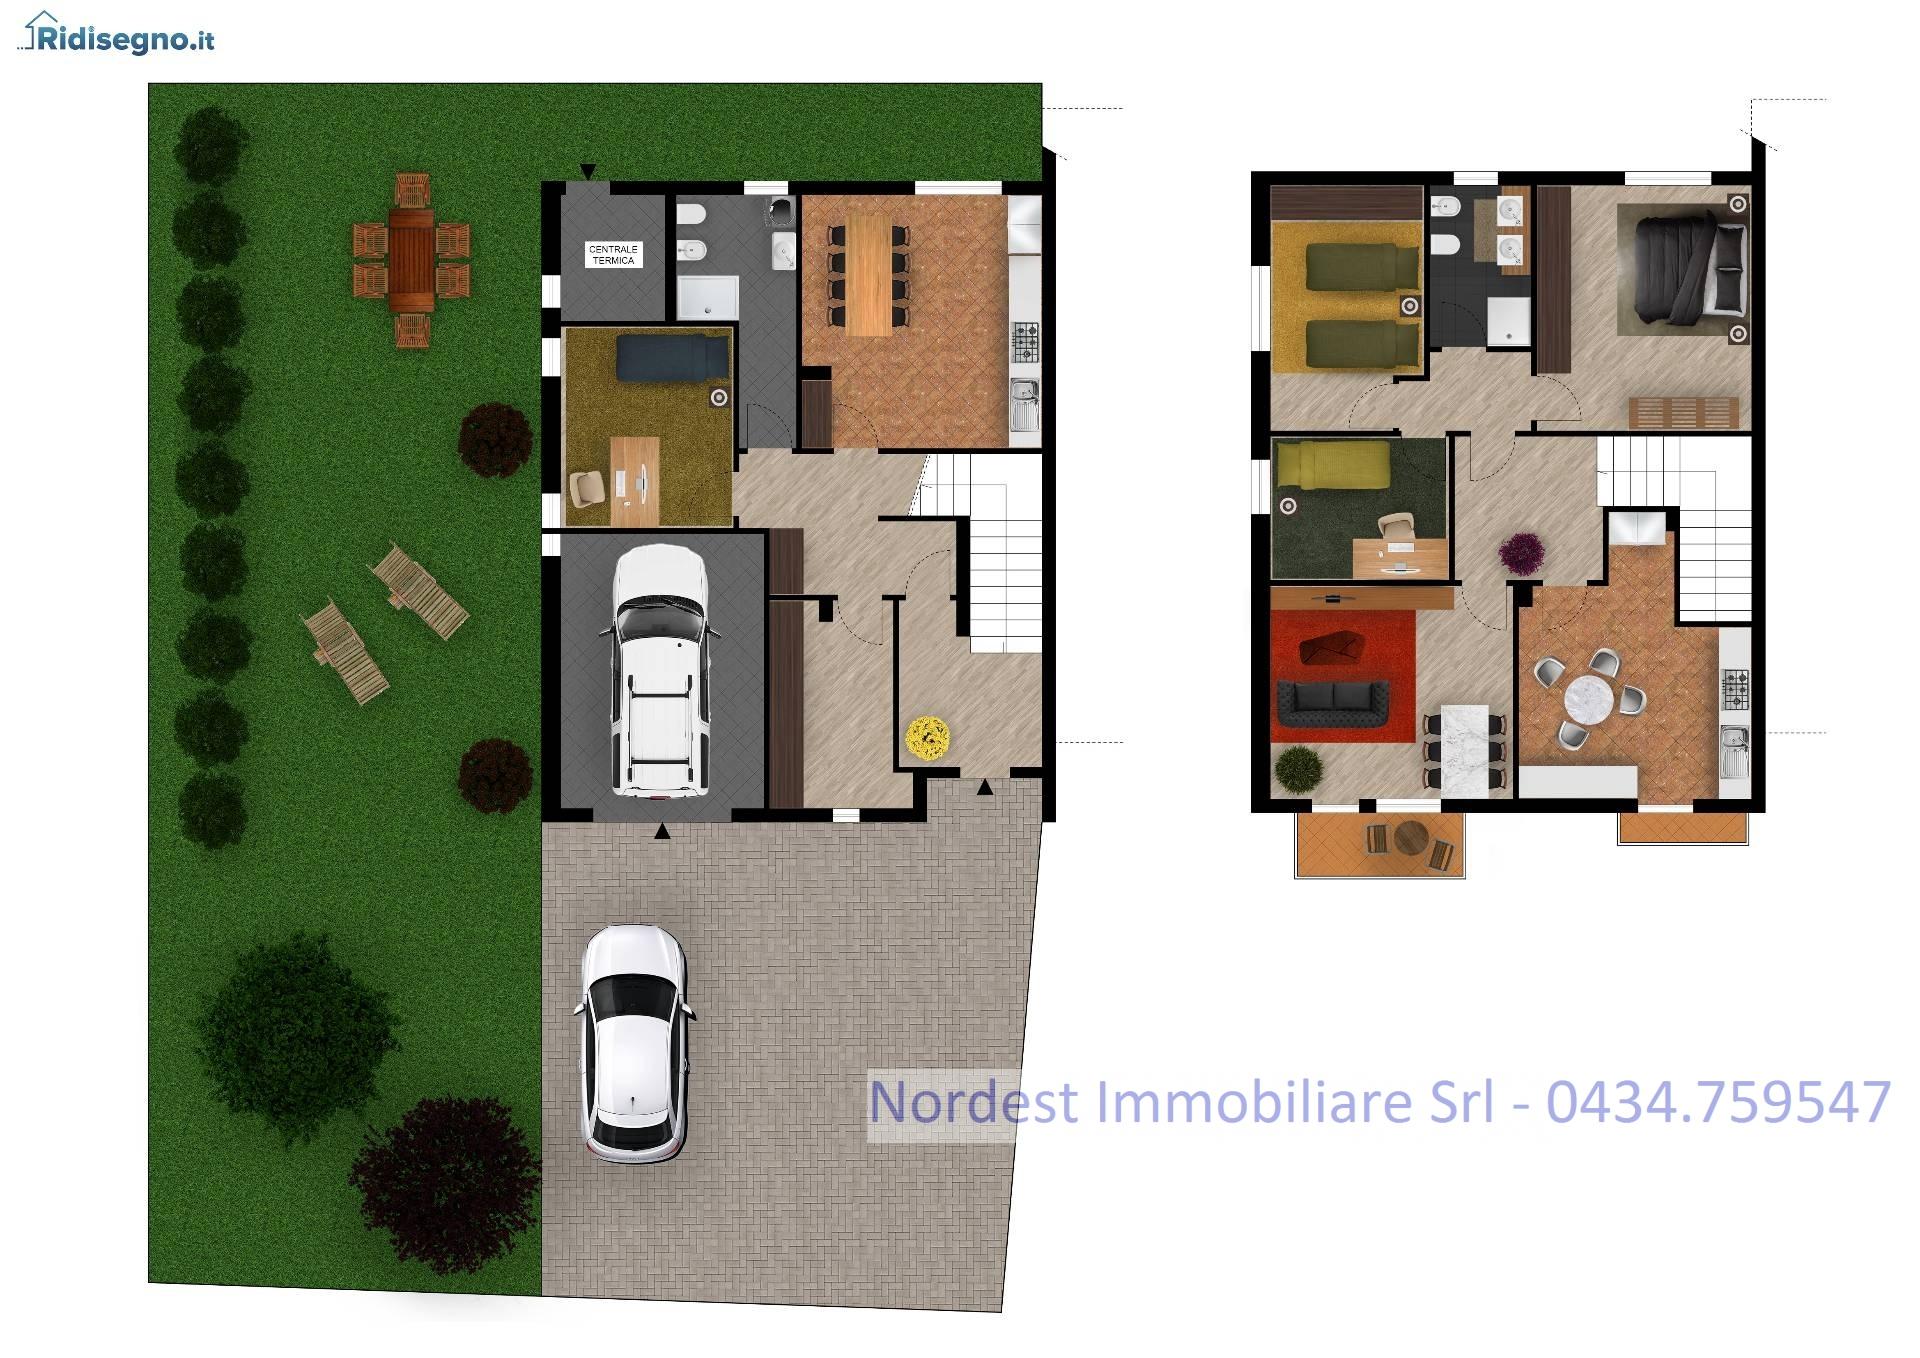 Villa Bifamiliare in vendita a Gaiarine, 5 locali, Trattative riservate | CambioCasa.it